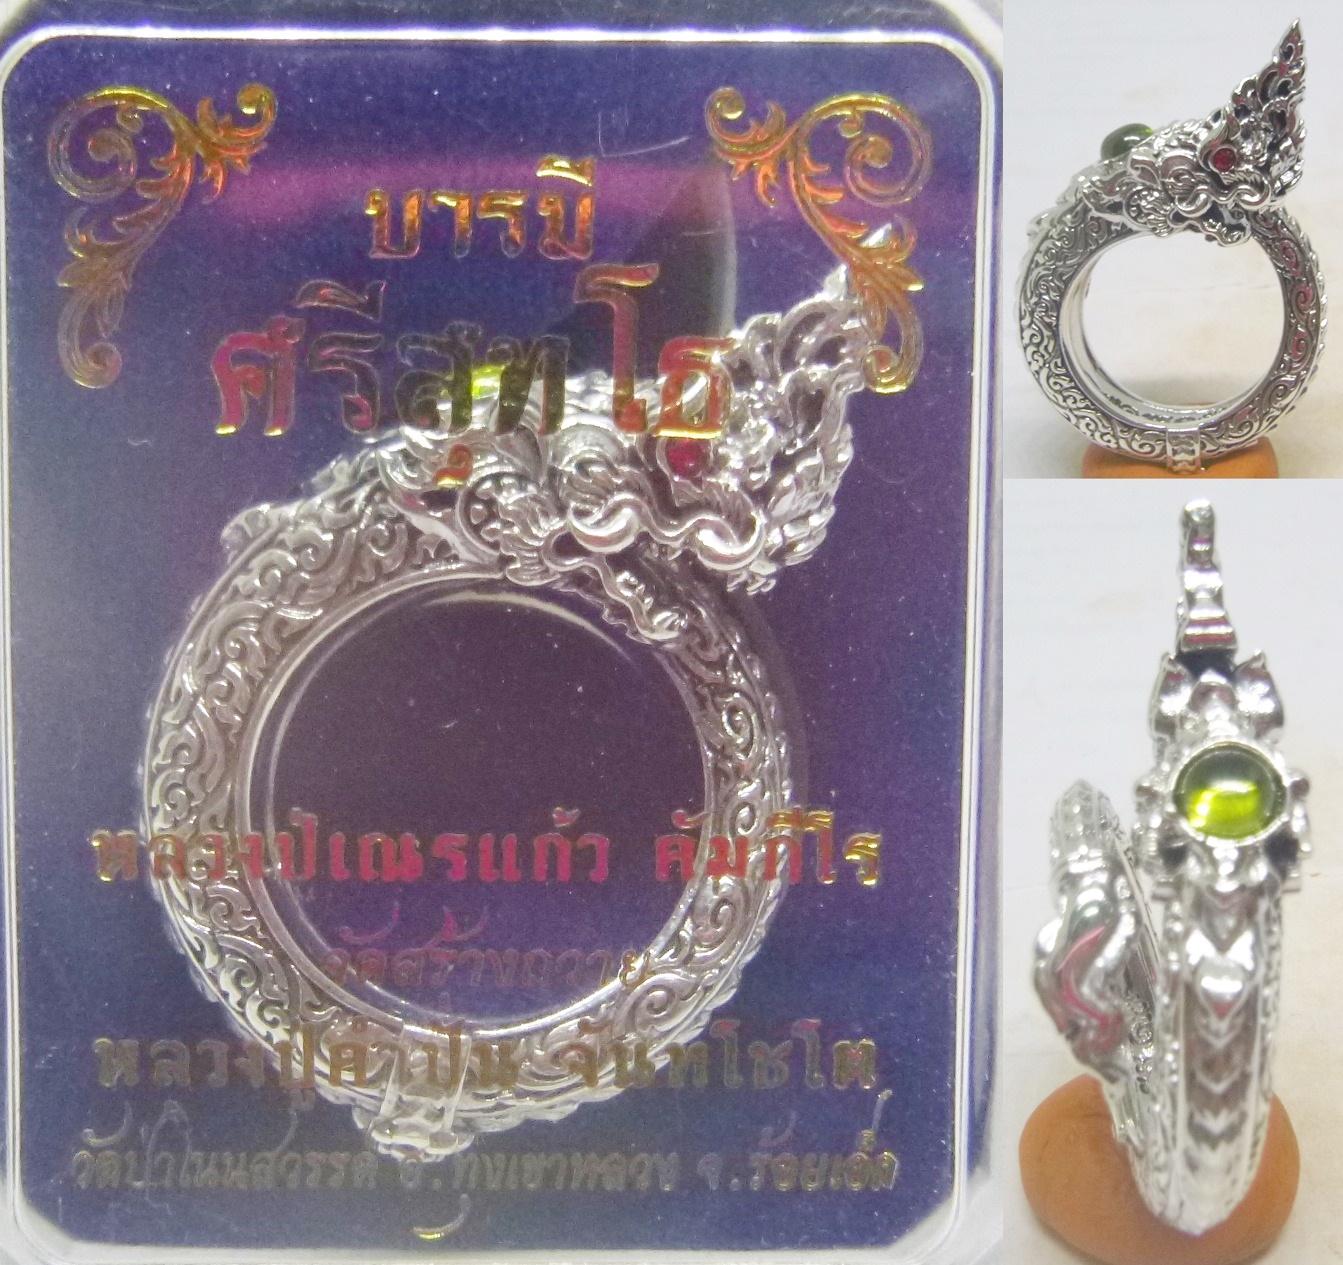 แหวน พ่อปู่ศรีสุทโธ เศรษฐีนาคราช เนื้อเงิน หลวงปู่คำปั่น วัดป่าโนนสวรรค์ 2560